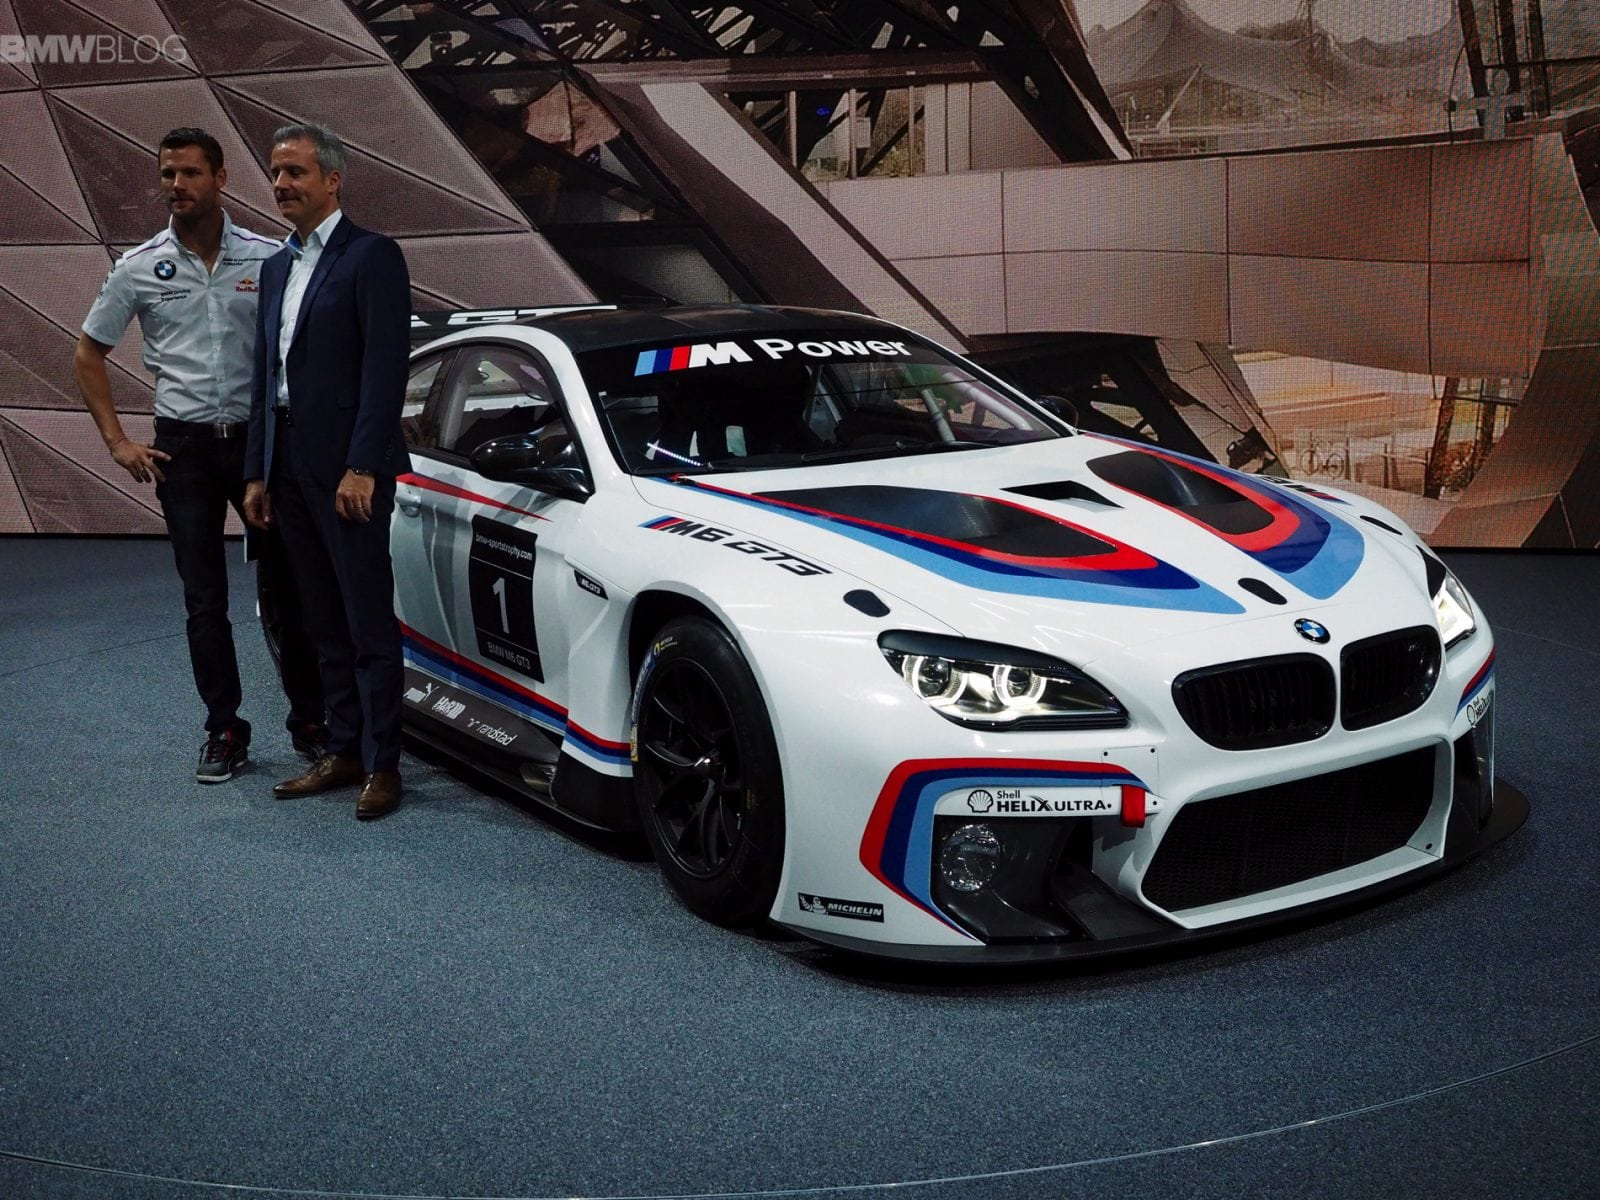 BMW M6 GT3 фото с премьеры на автосалоне во Франкфурте IAA 2015